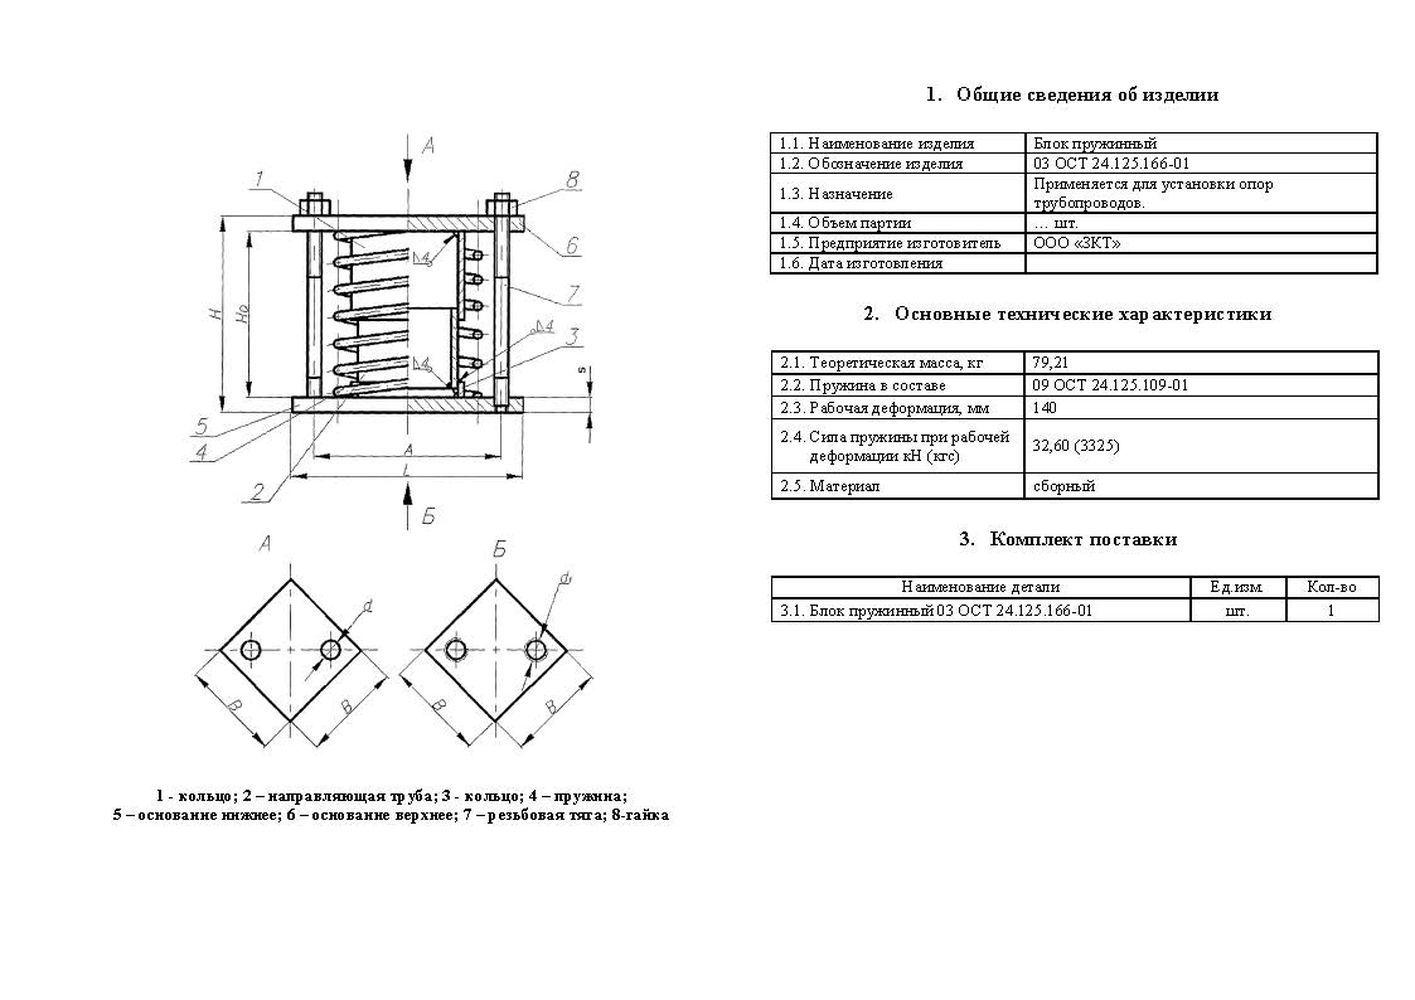 Паспорт Блок пружинный 03 ОСТ 24.125.166-01 стр.2